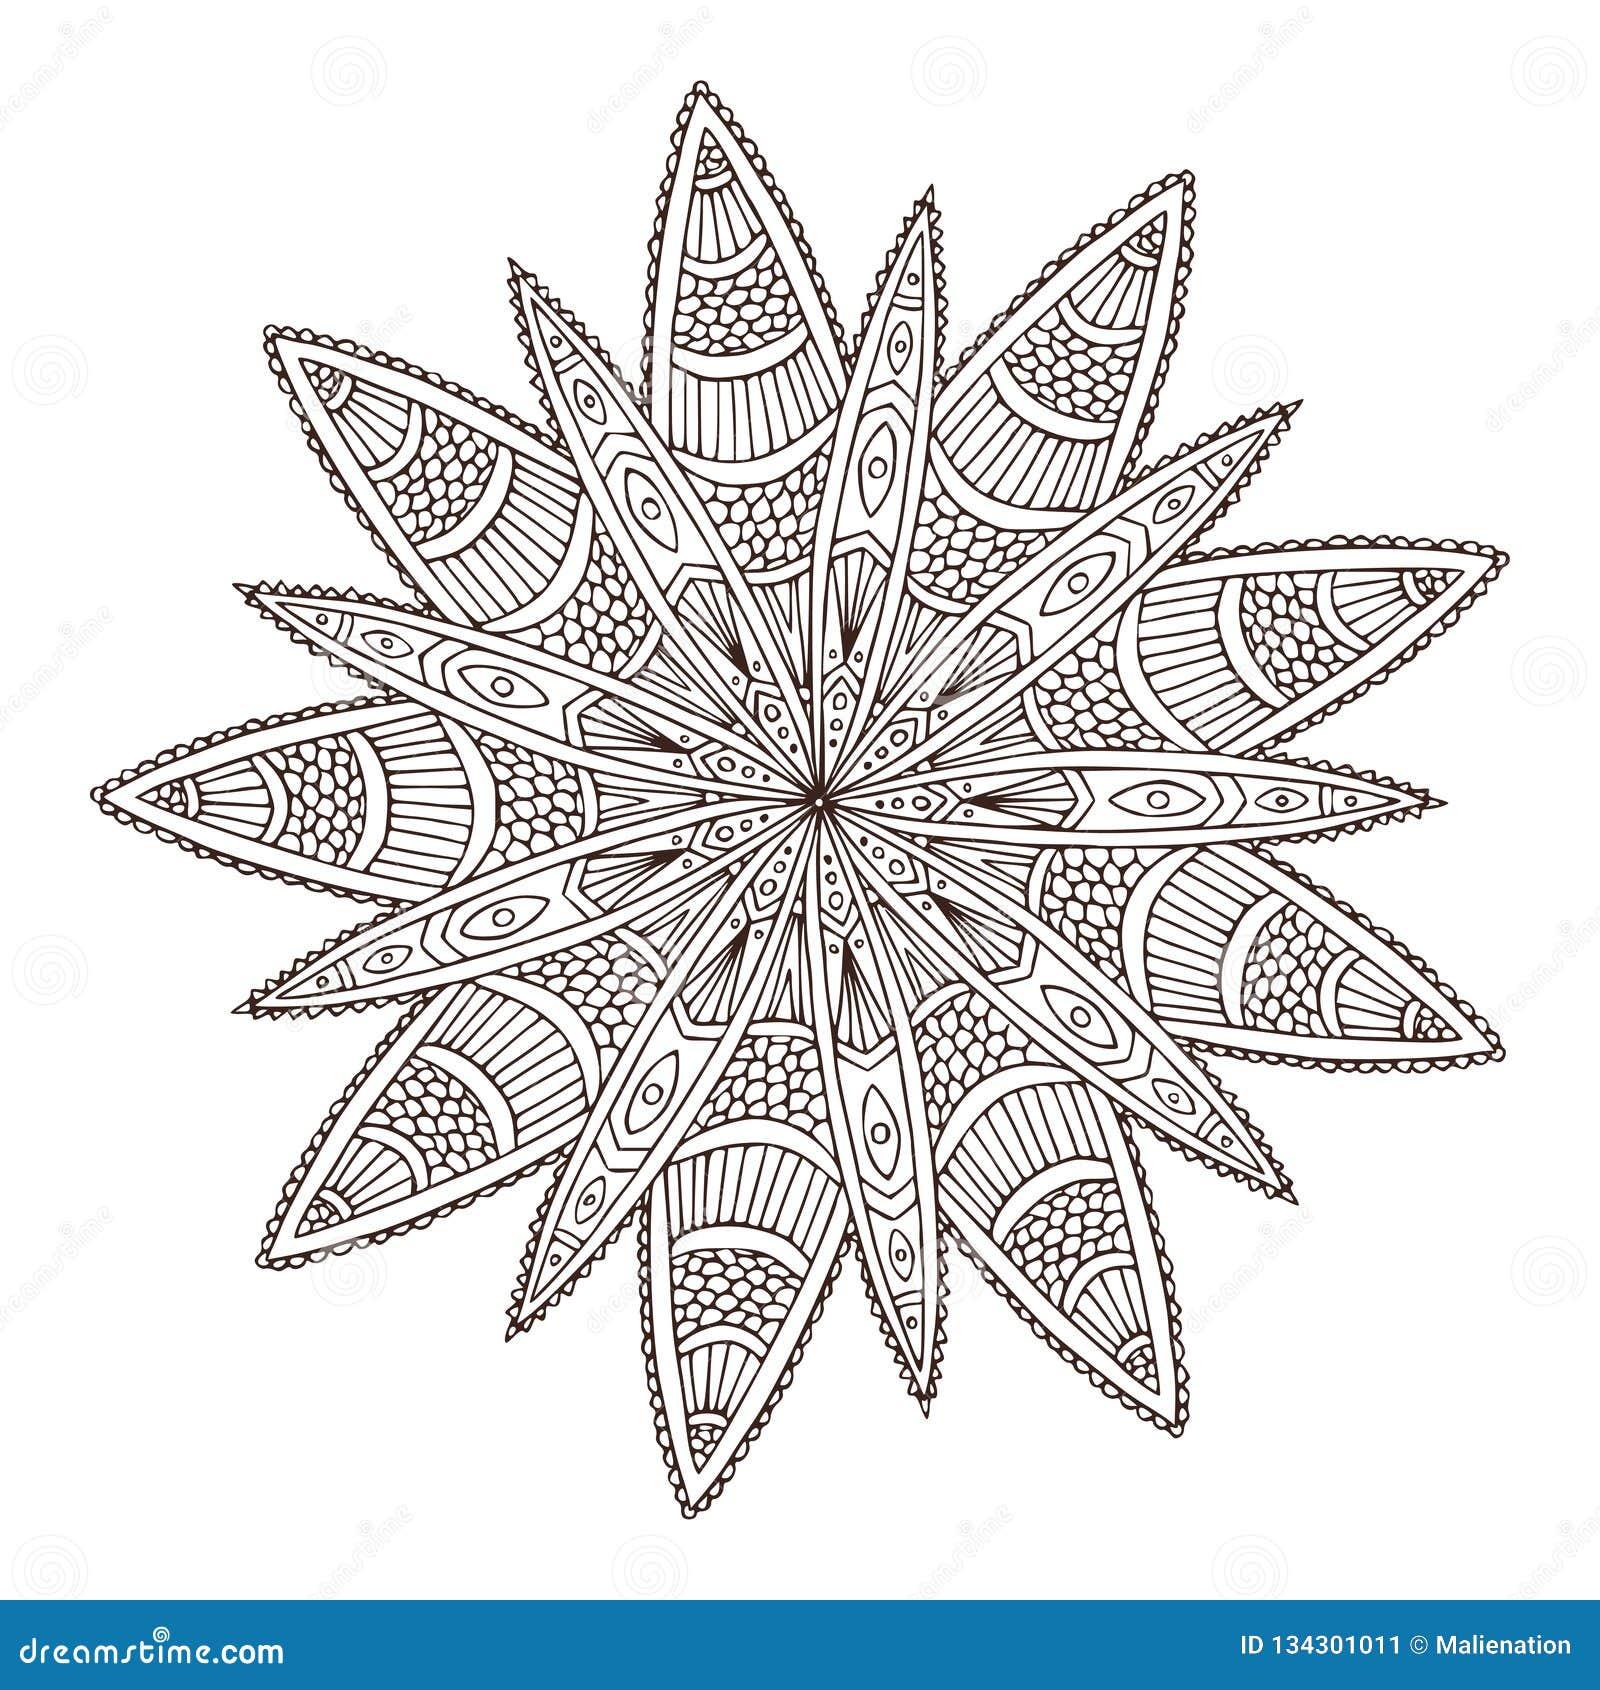 Dekorative geometrische Mandala Blumen-Tätowierungskunstentwurf Teppichverzierungsmuster Vektor für erwachsene Malbuchseite innen